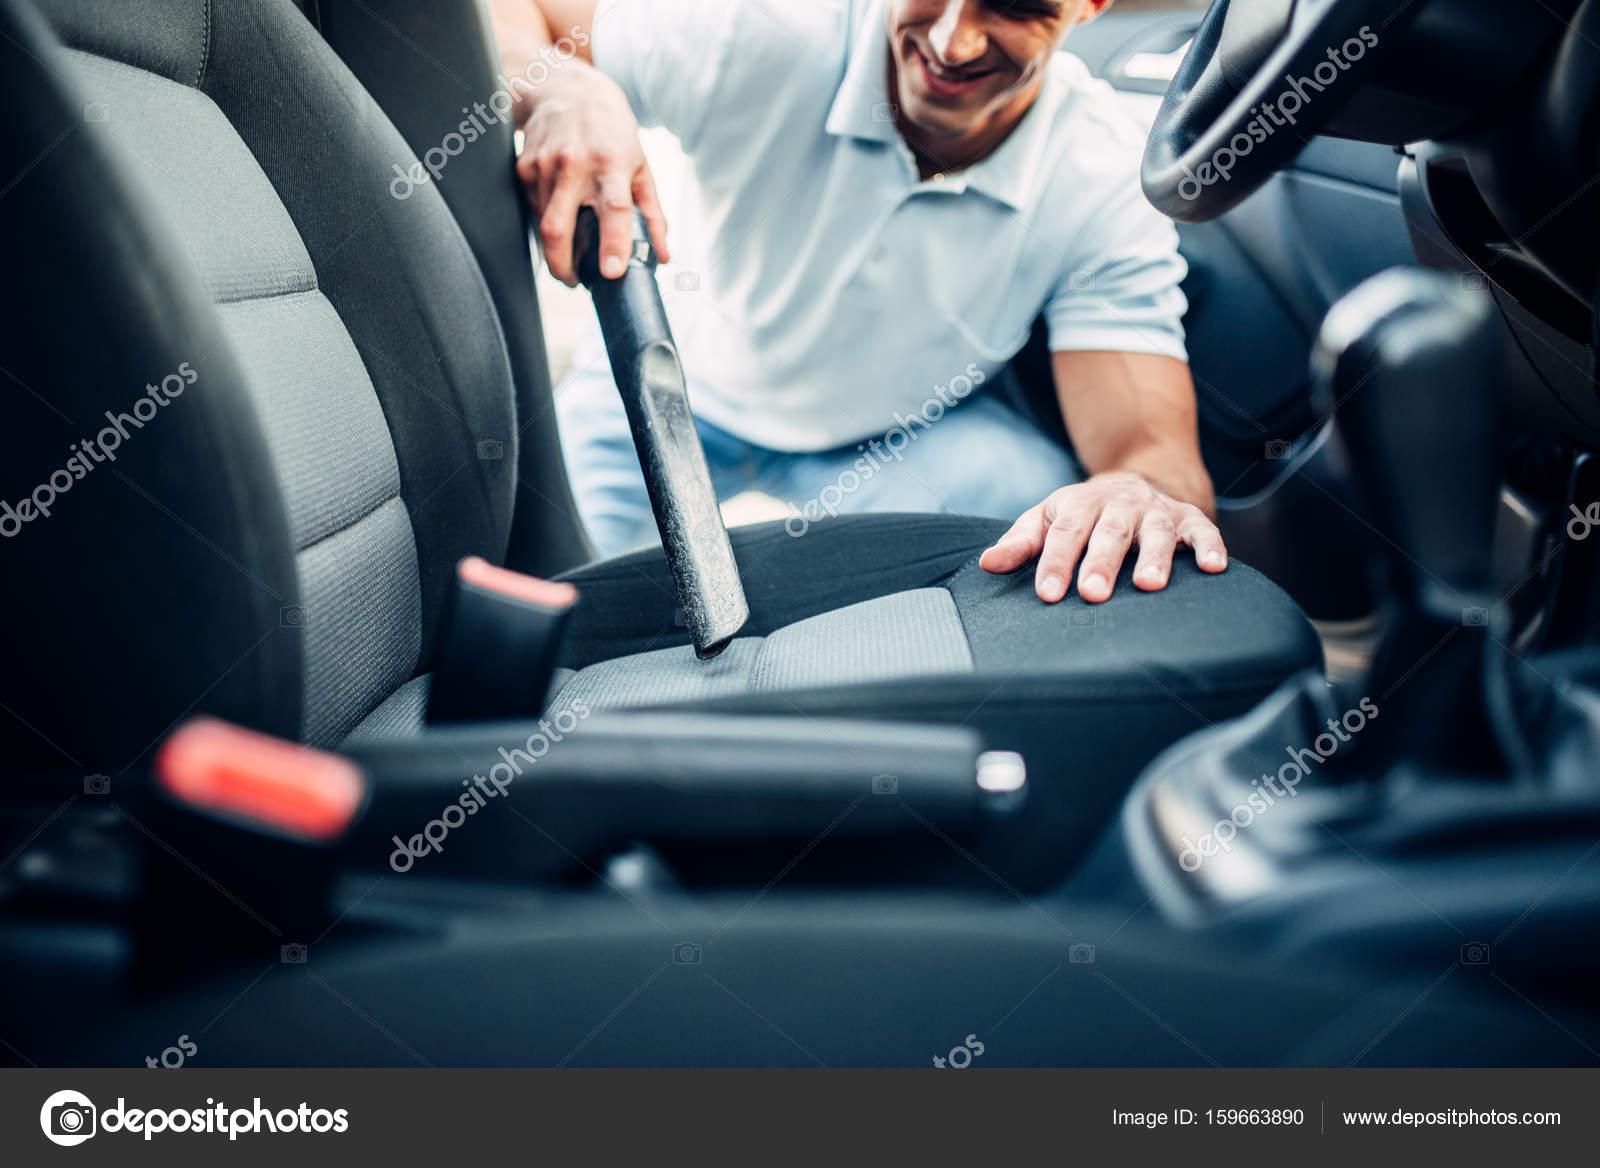 de man reinigen van auto interieur met stofzuiger op carwash station auto reiniging foto van nomadsoul1